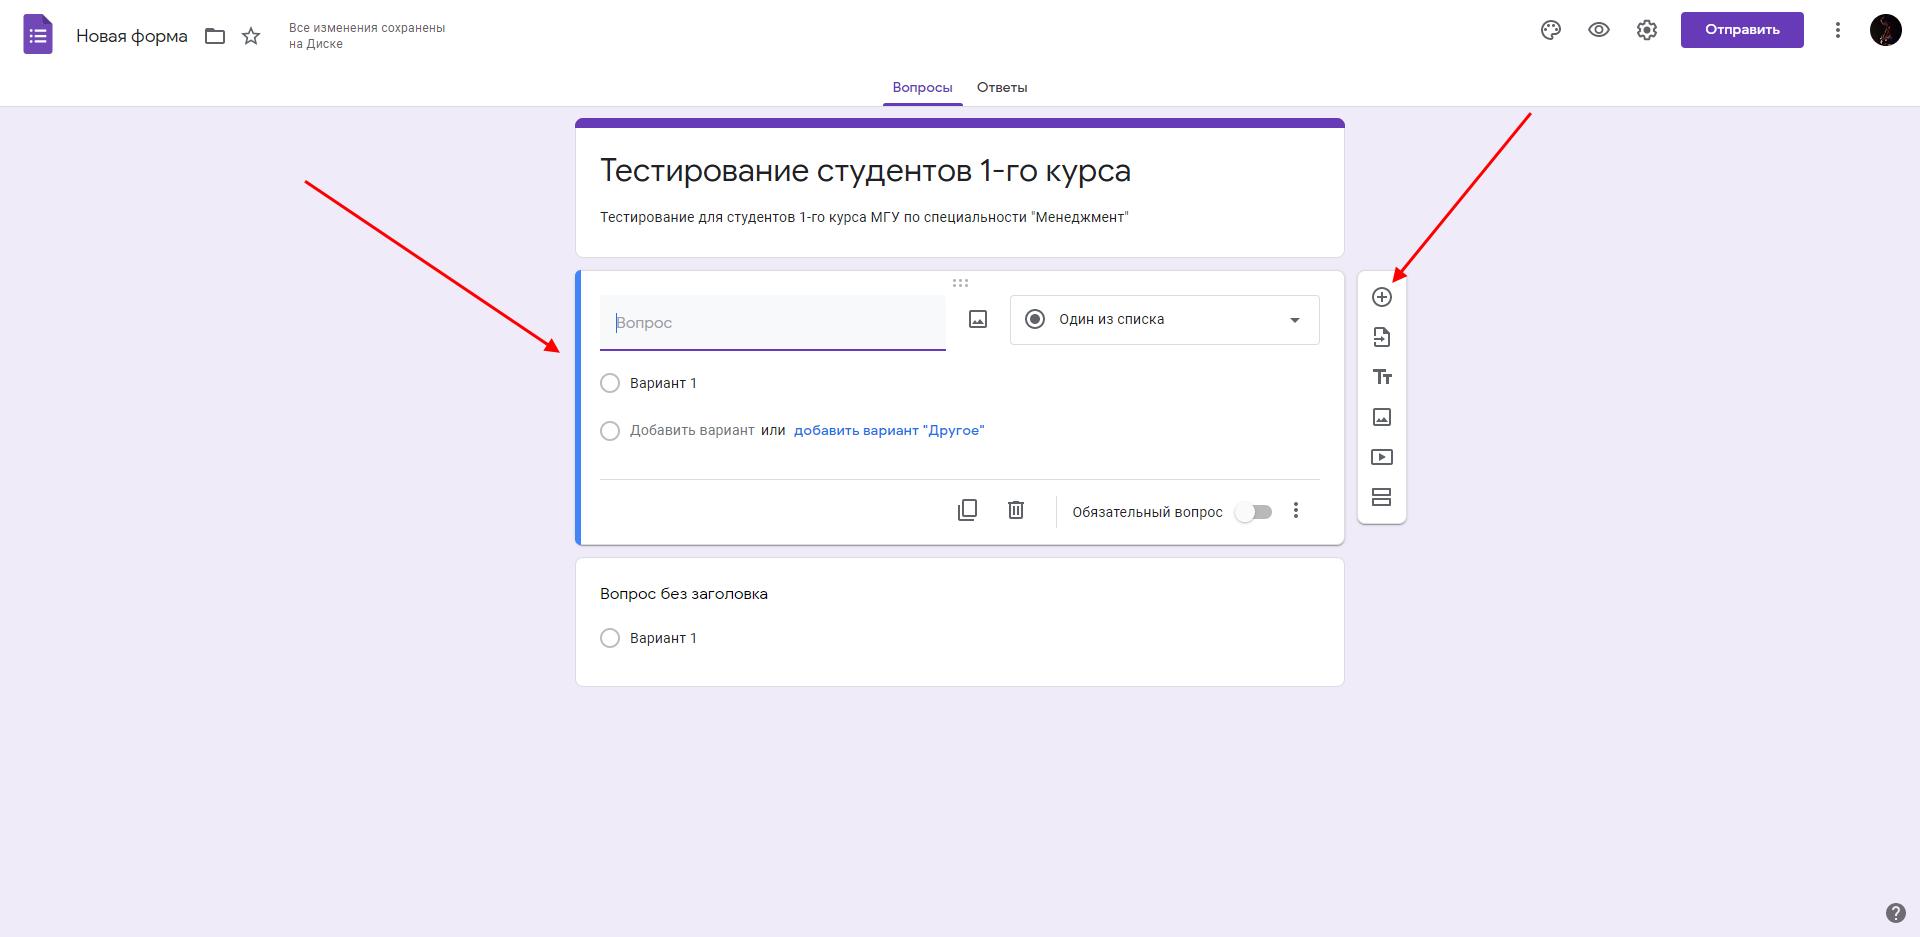 Как добавить вопрос в гугл форму